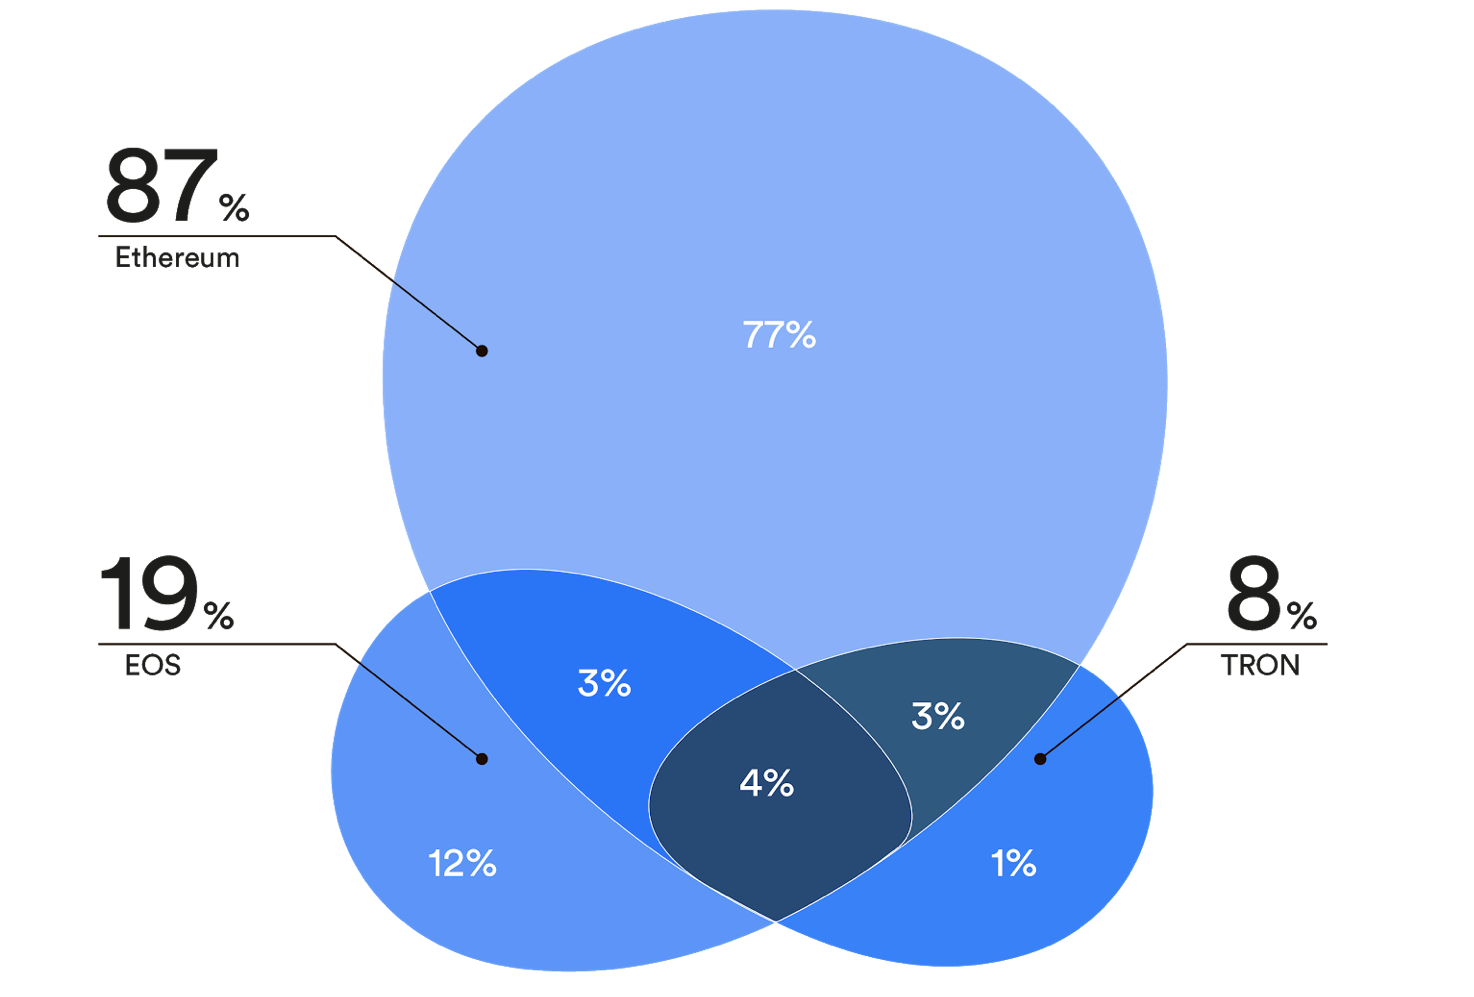 87% децентрализованных приложений работают на базе Ethereum